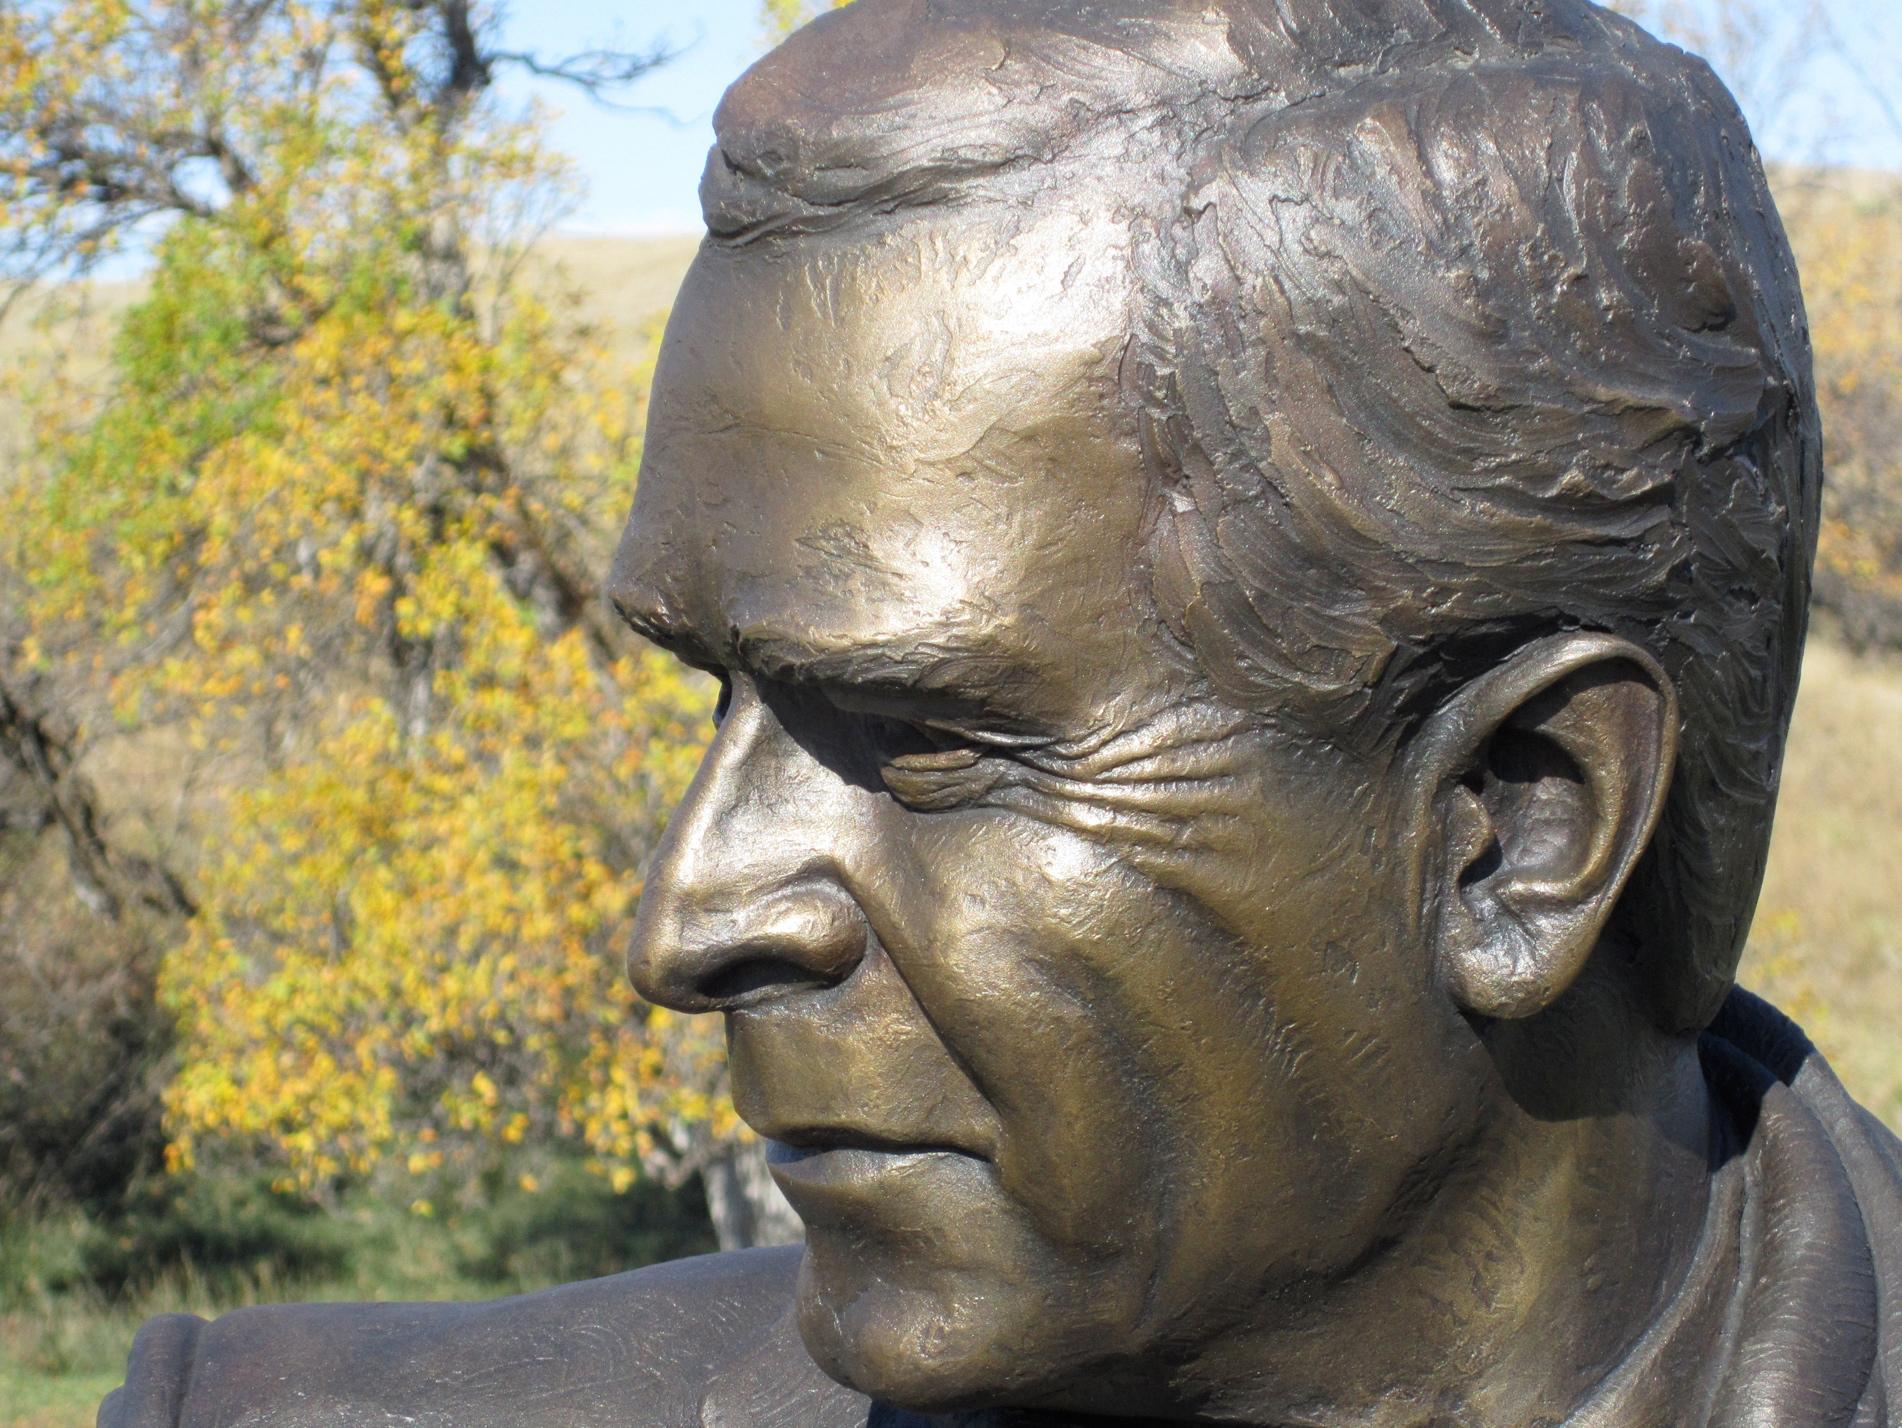 George W. Bush - detail